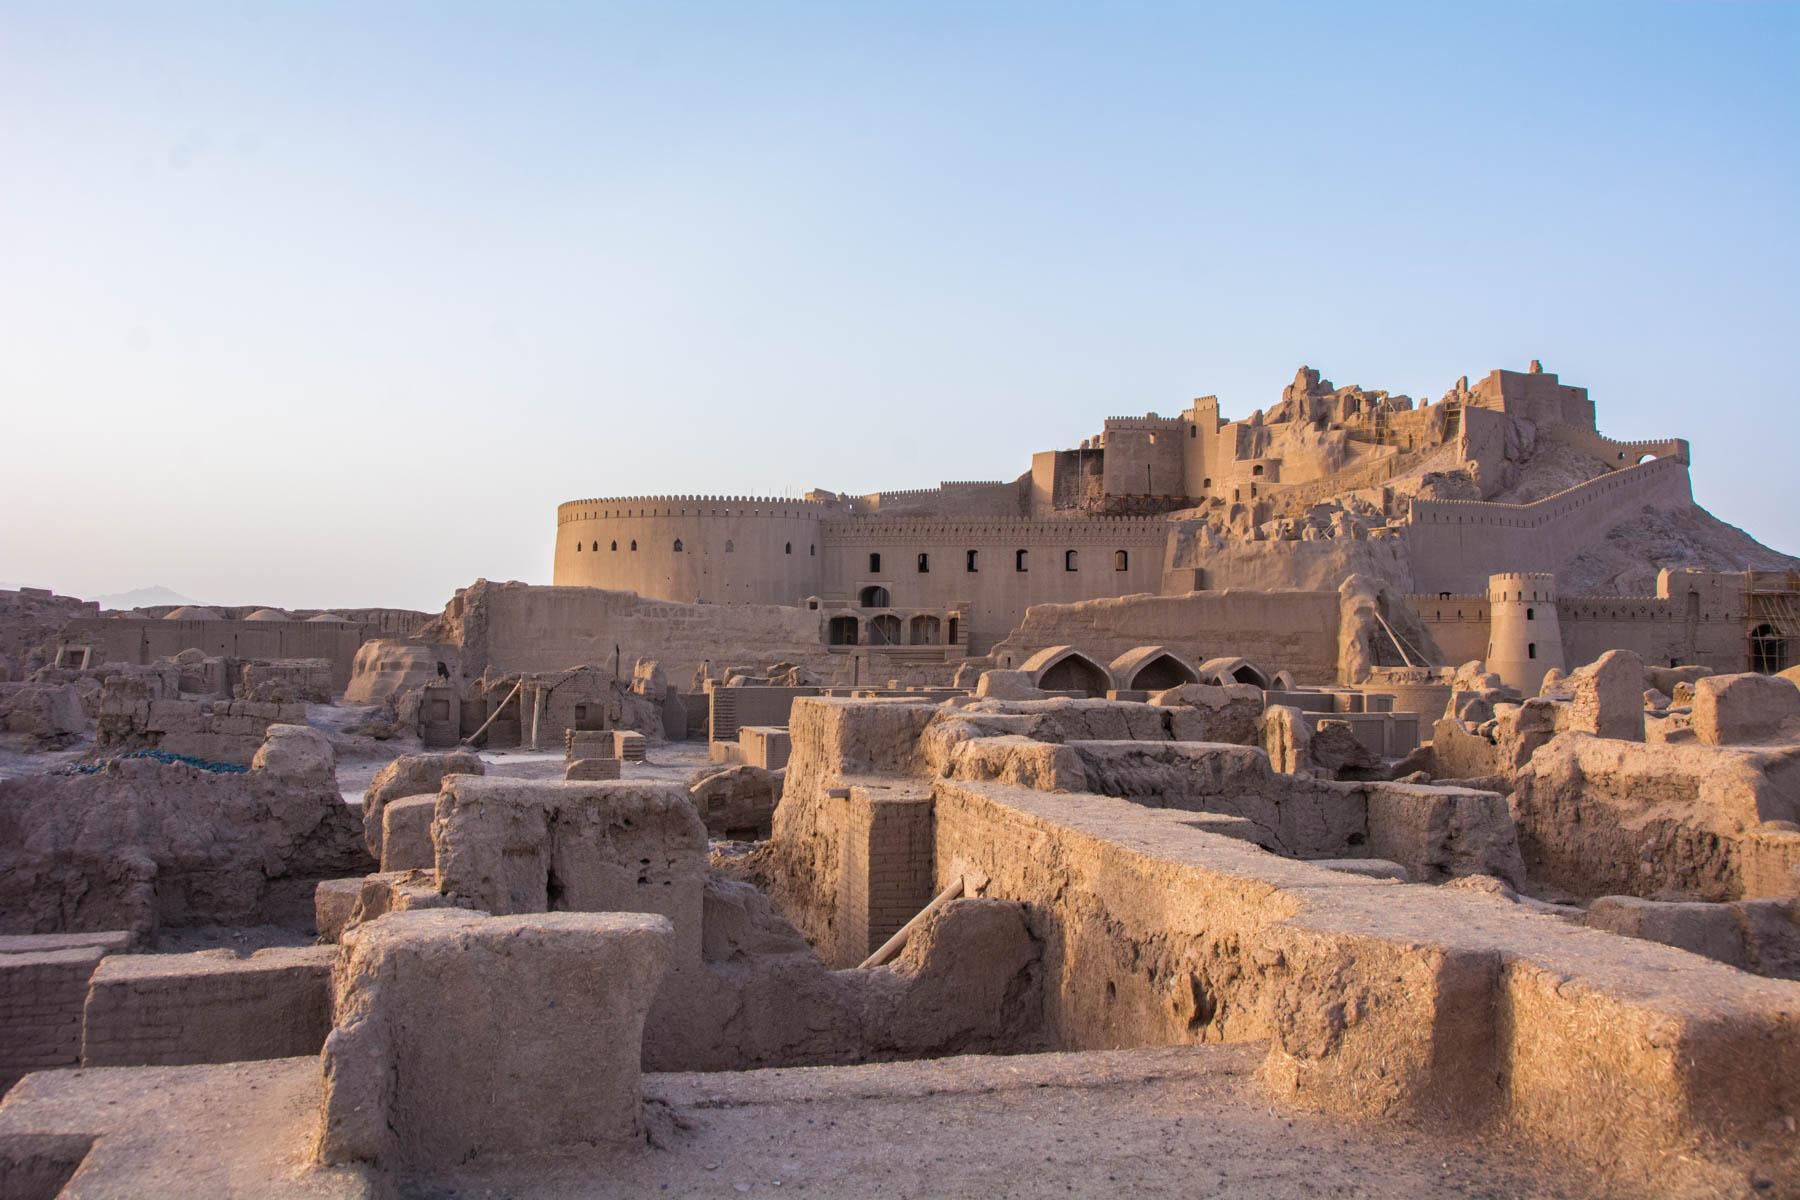 La citadelle d'Arg-é Bam, l'un des plus beaux édifices d'Iran ! Par Clément P. Lostwithpurpose